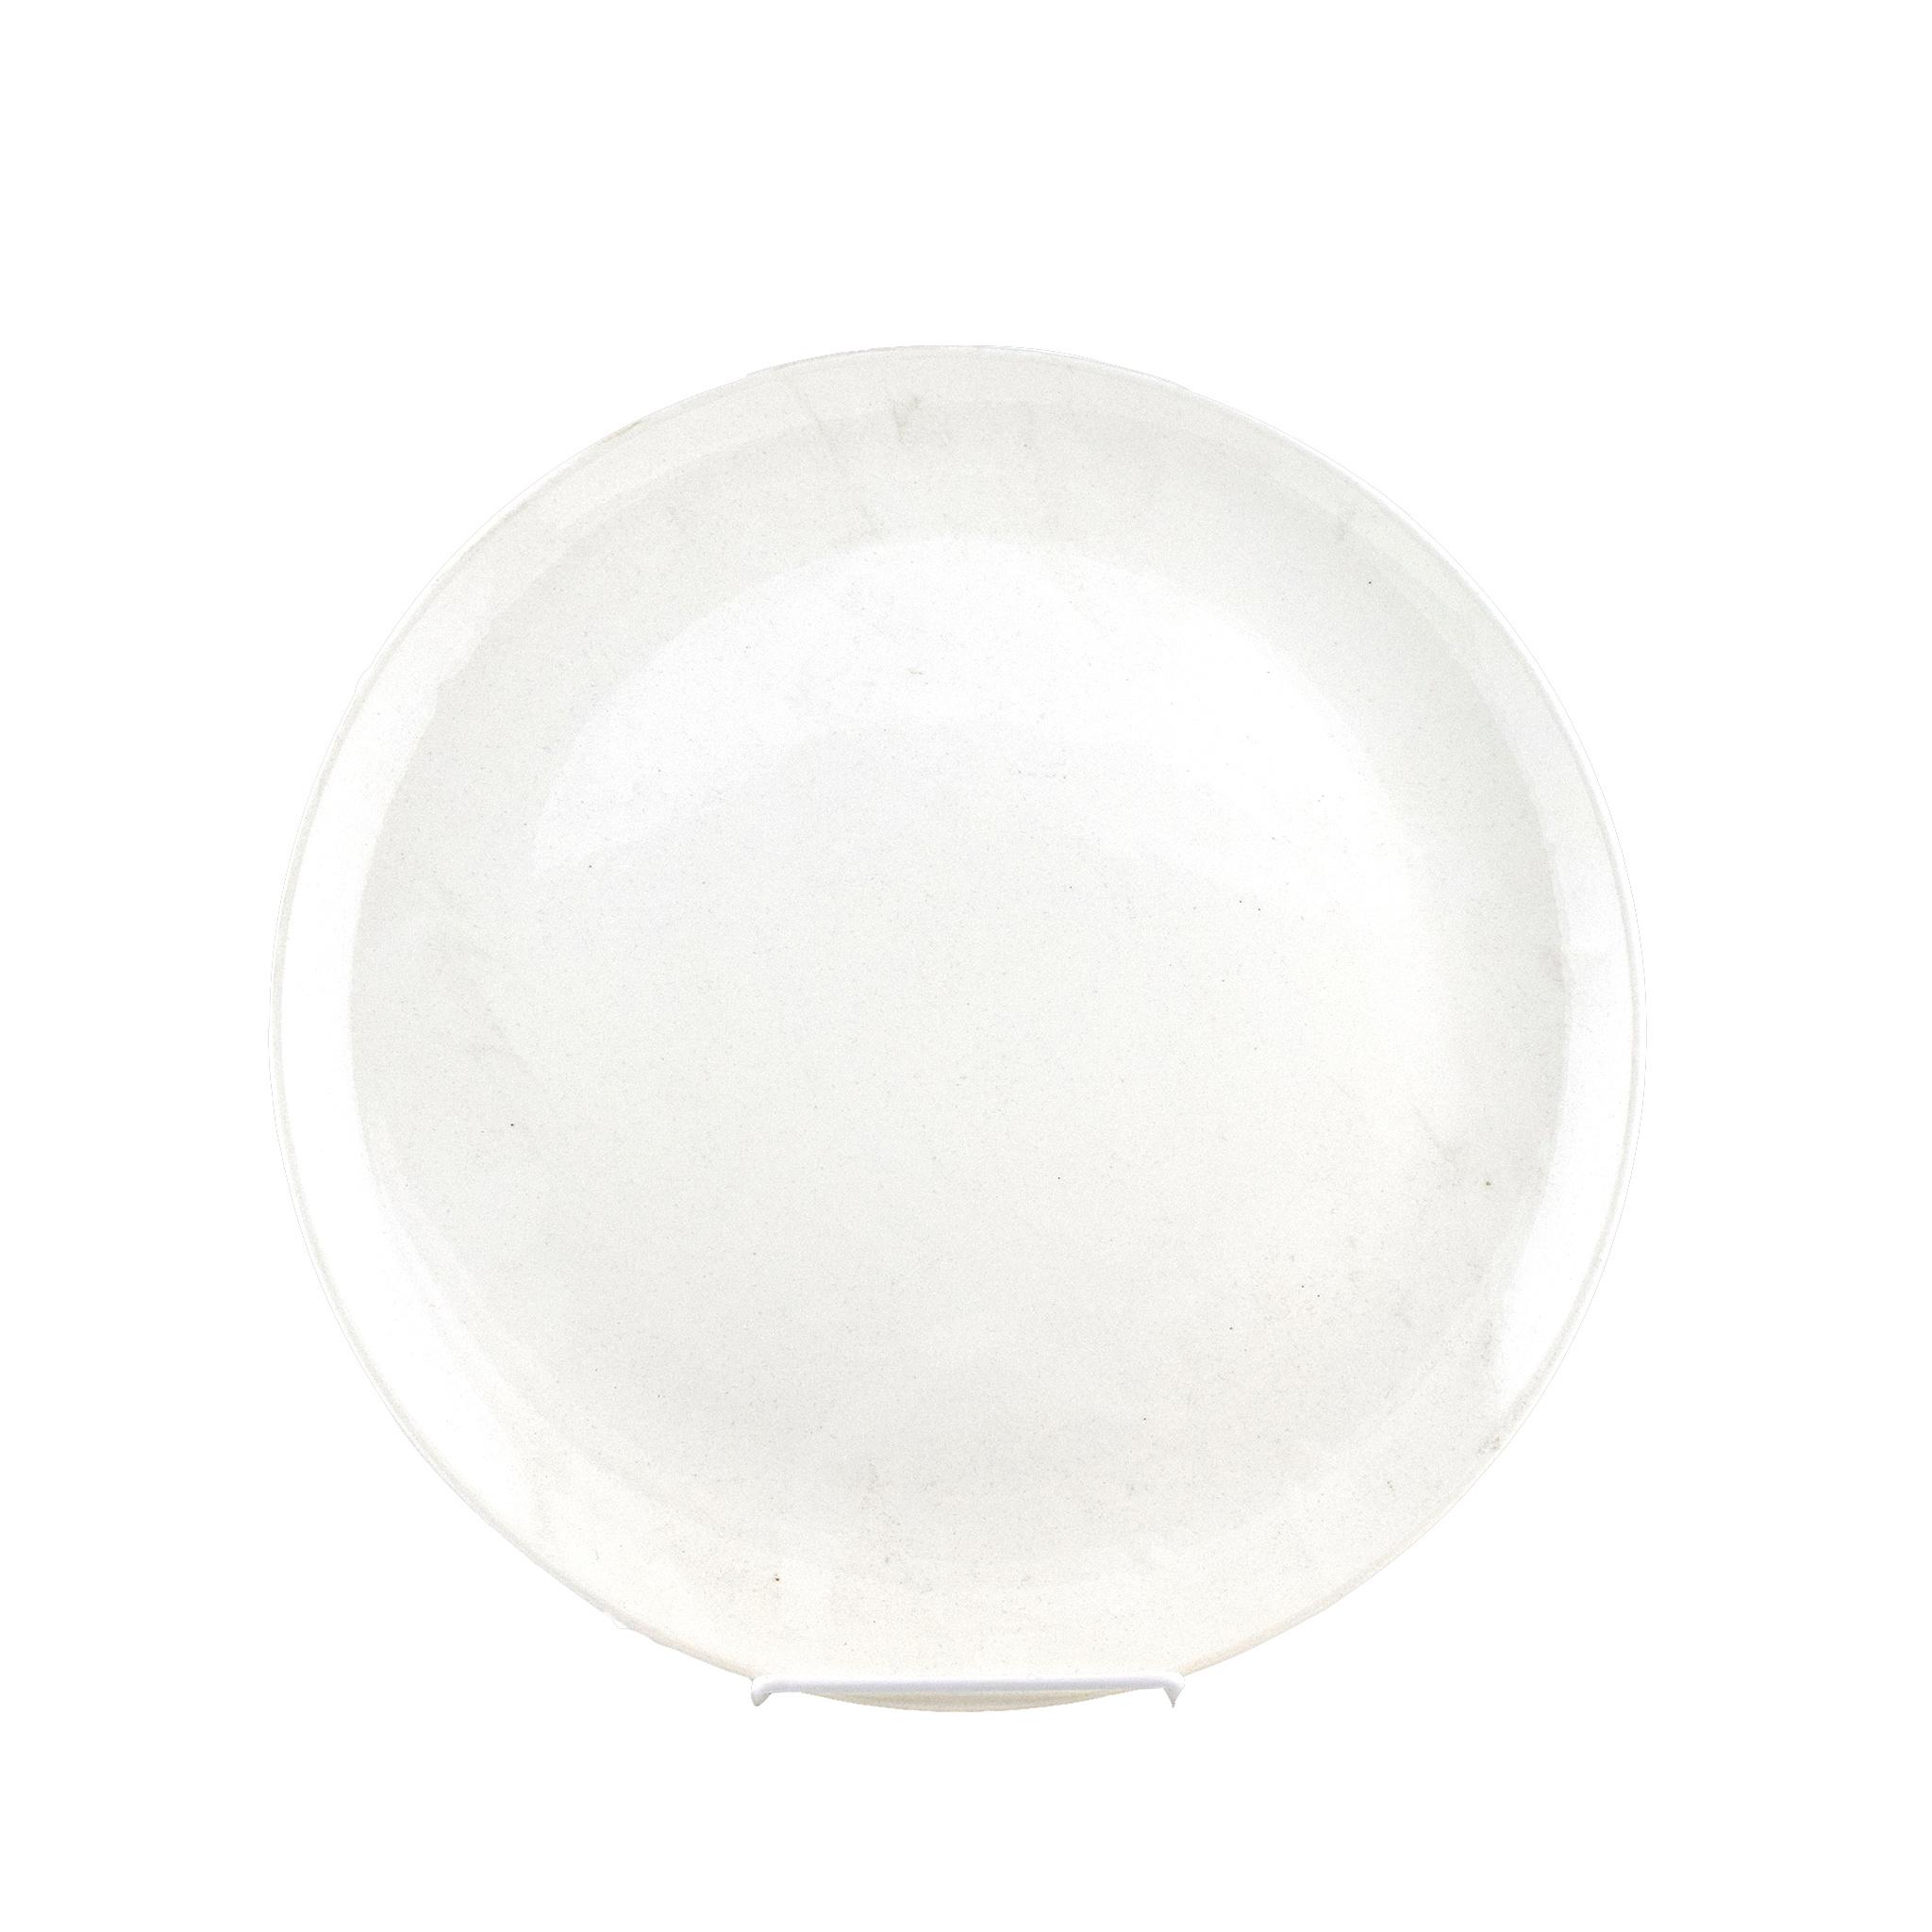 Hycroft Platter